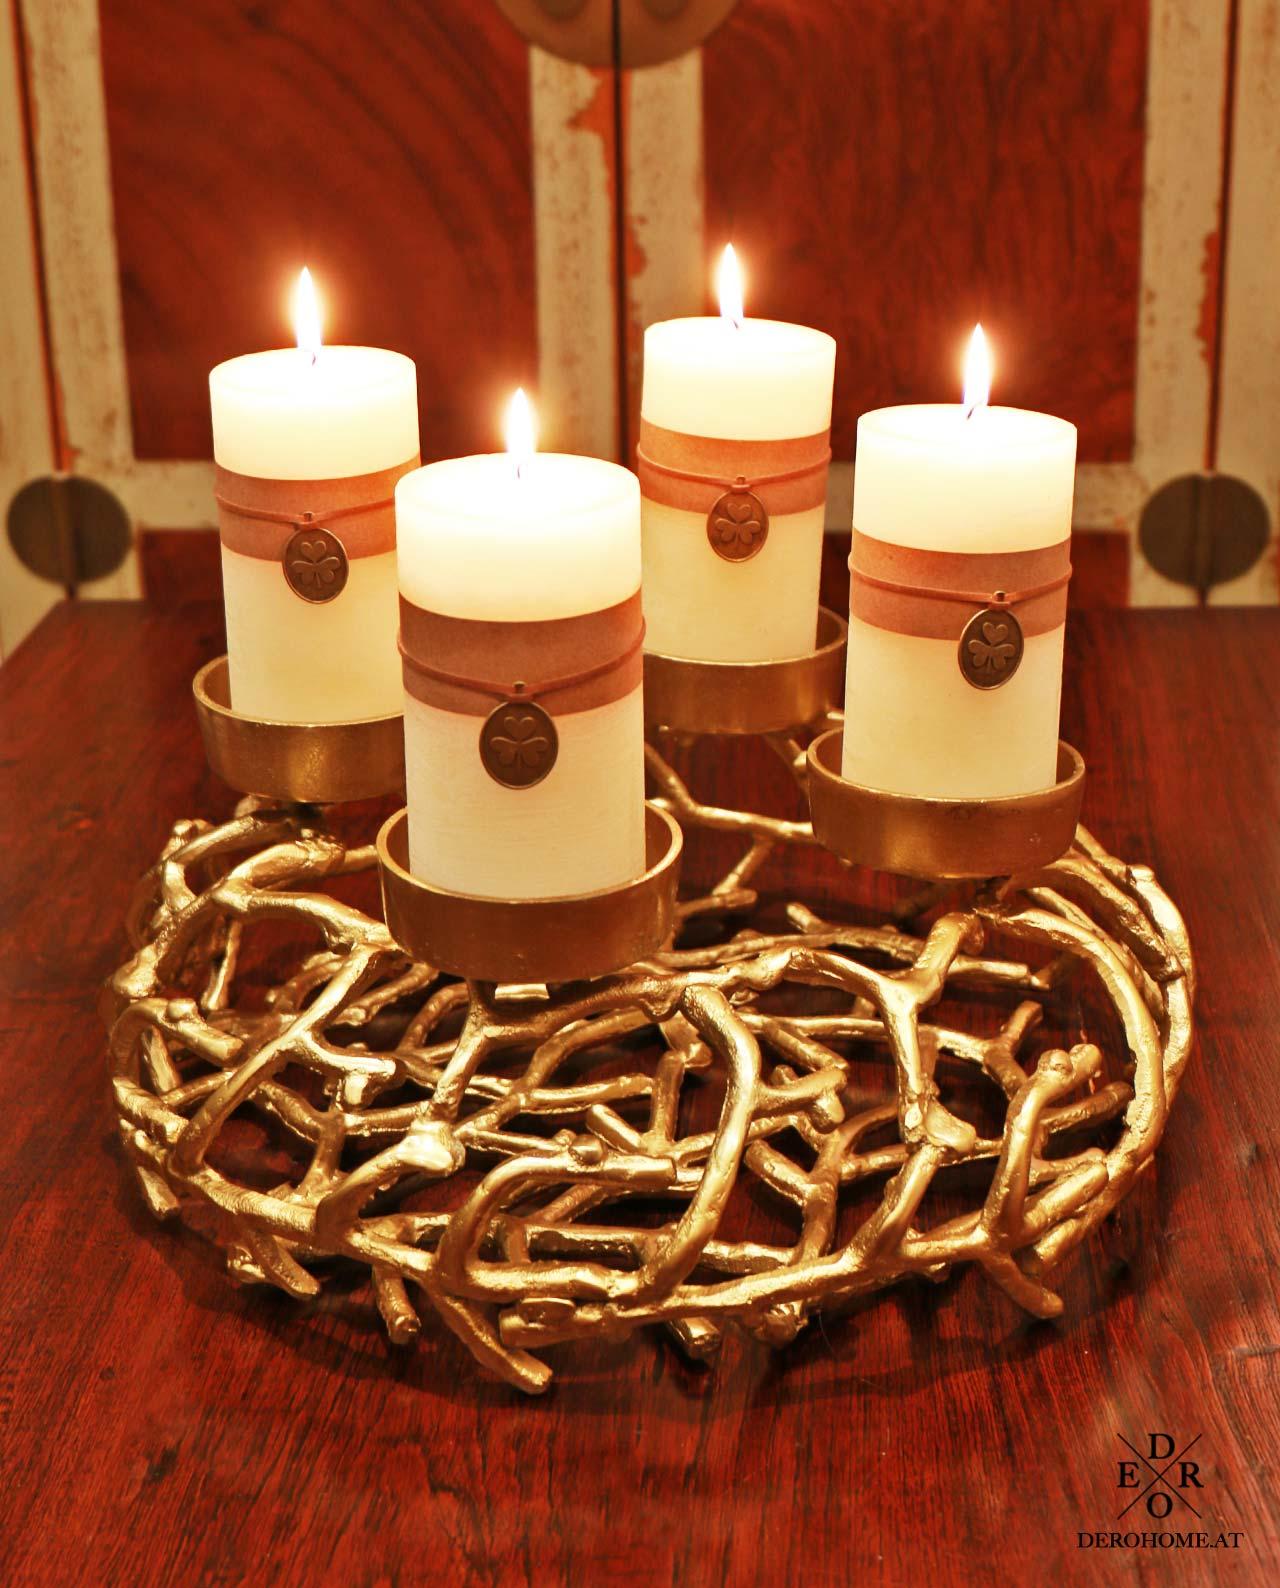 adventskranz klein noel gold derohome at. Black Bedroom Furniture Sets. Home Design Ideas